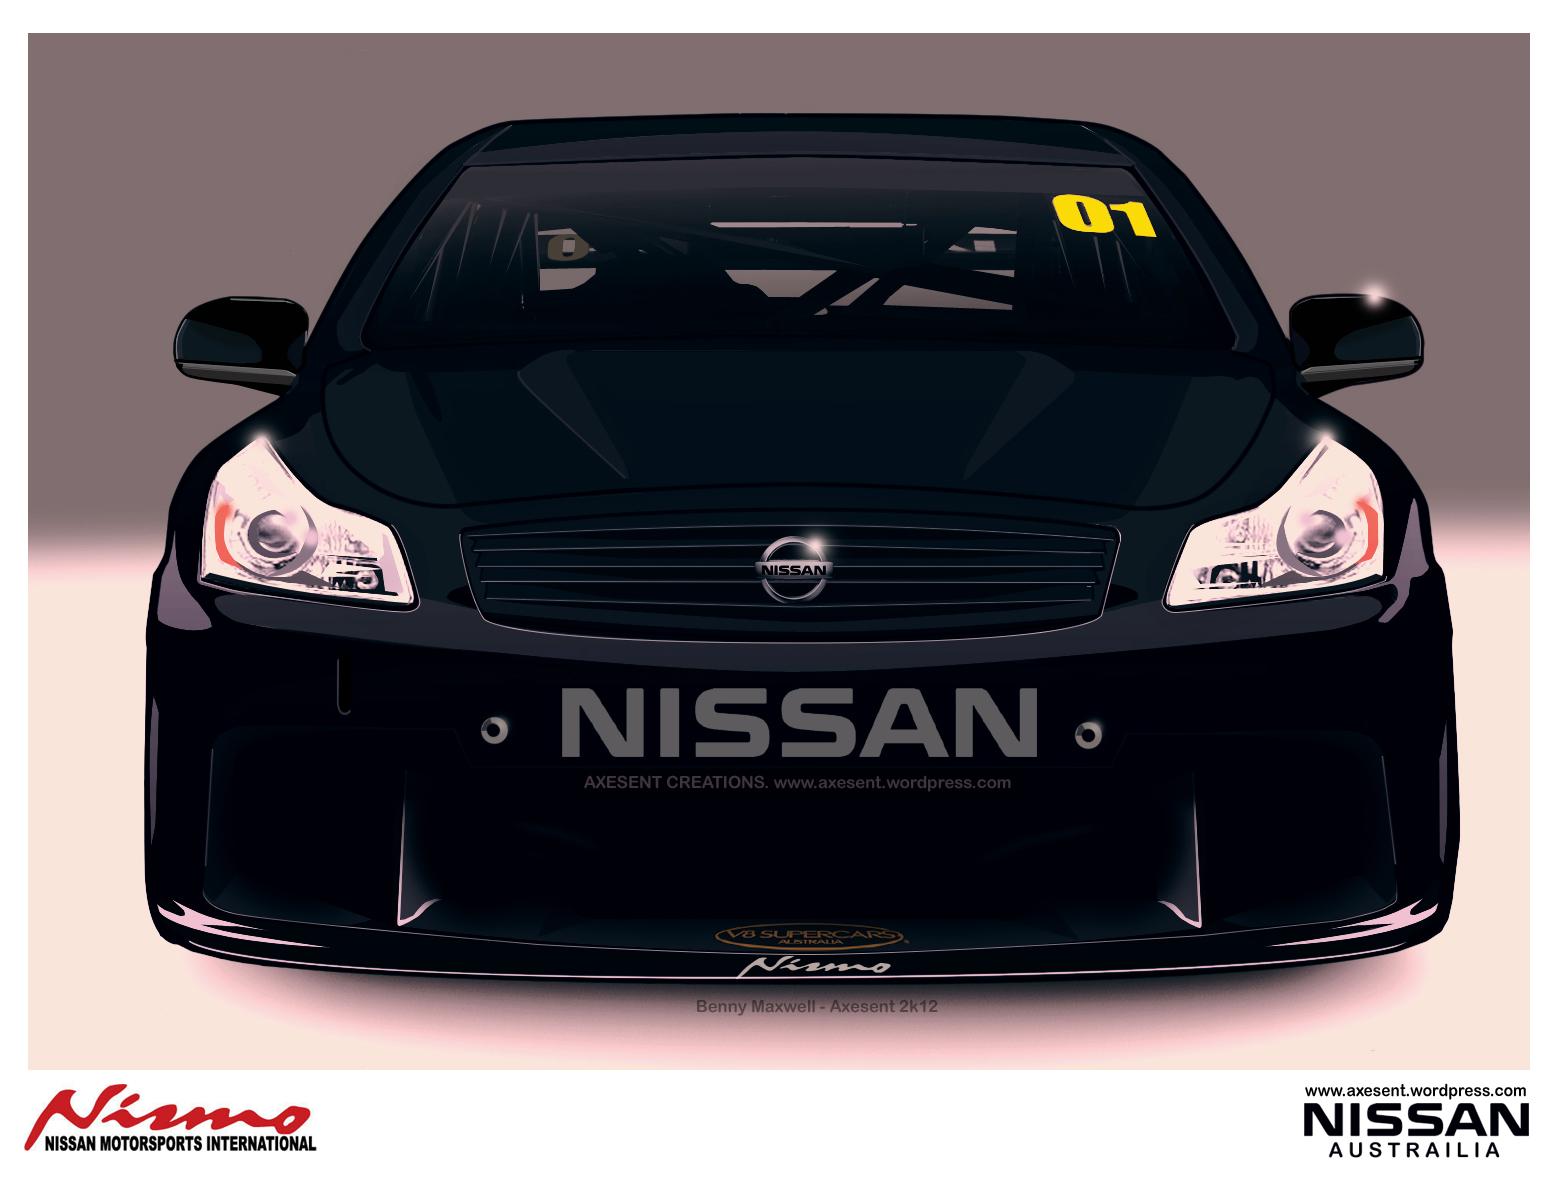 http://4.bp.blogspot.com/-QuFl2kScMIg/UFbj-MqRzfI/AAAAAAAAAf4/sgwTJxeK9-w/s1600/nissan-v8-supercars-front.jpg